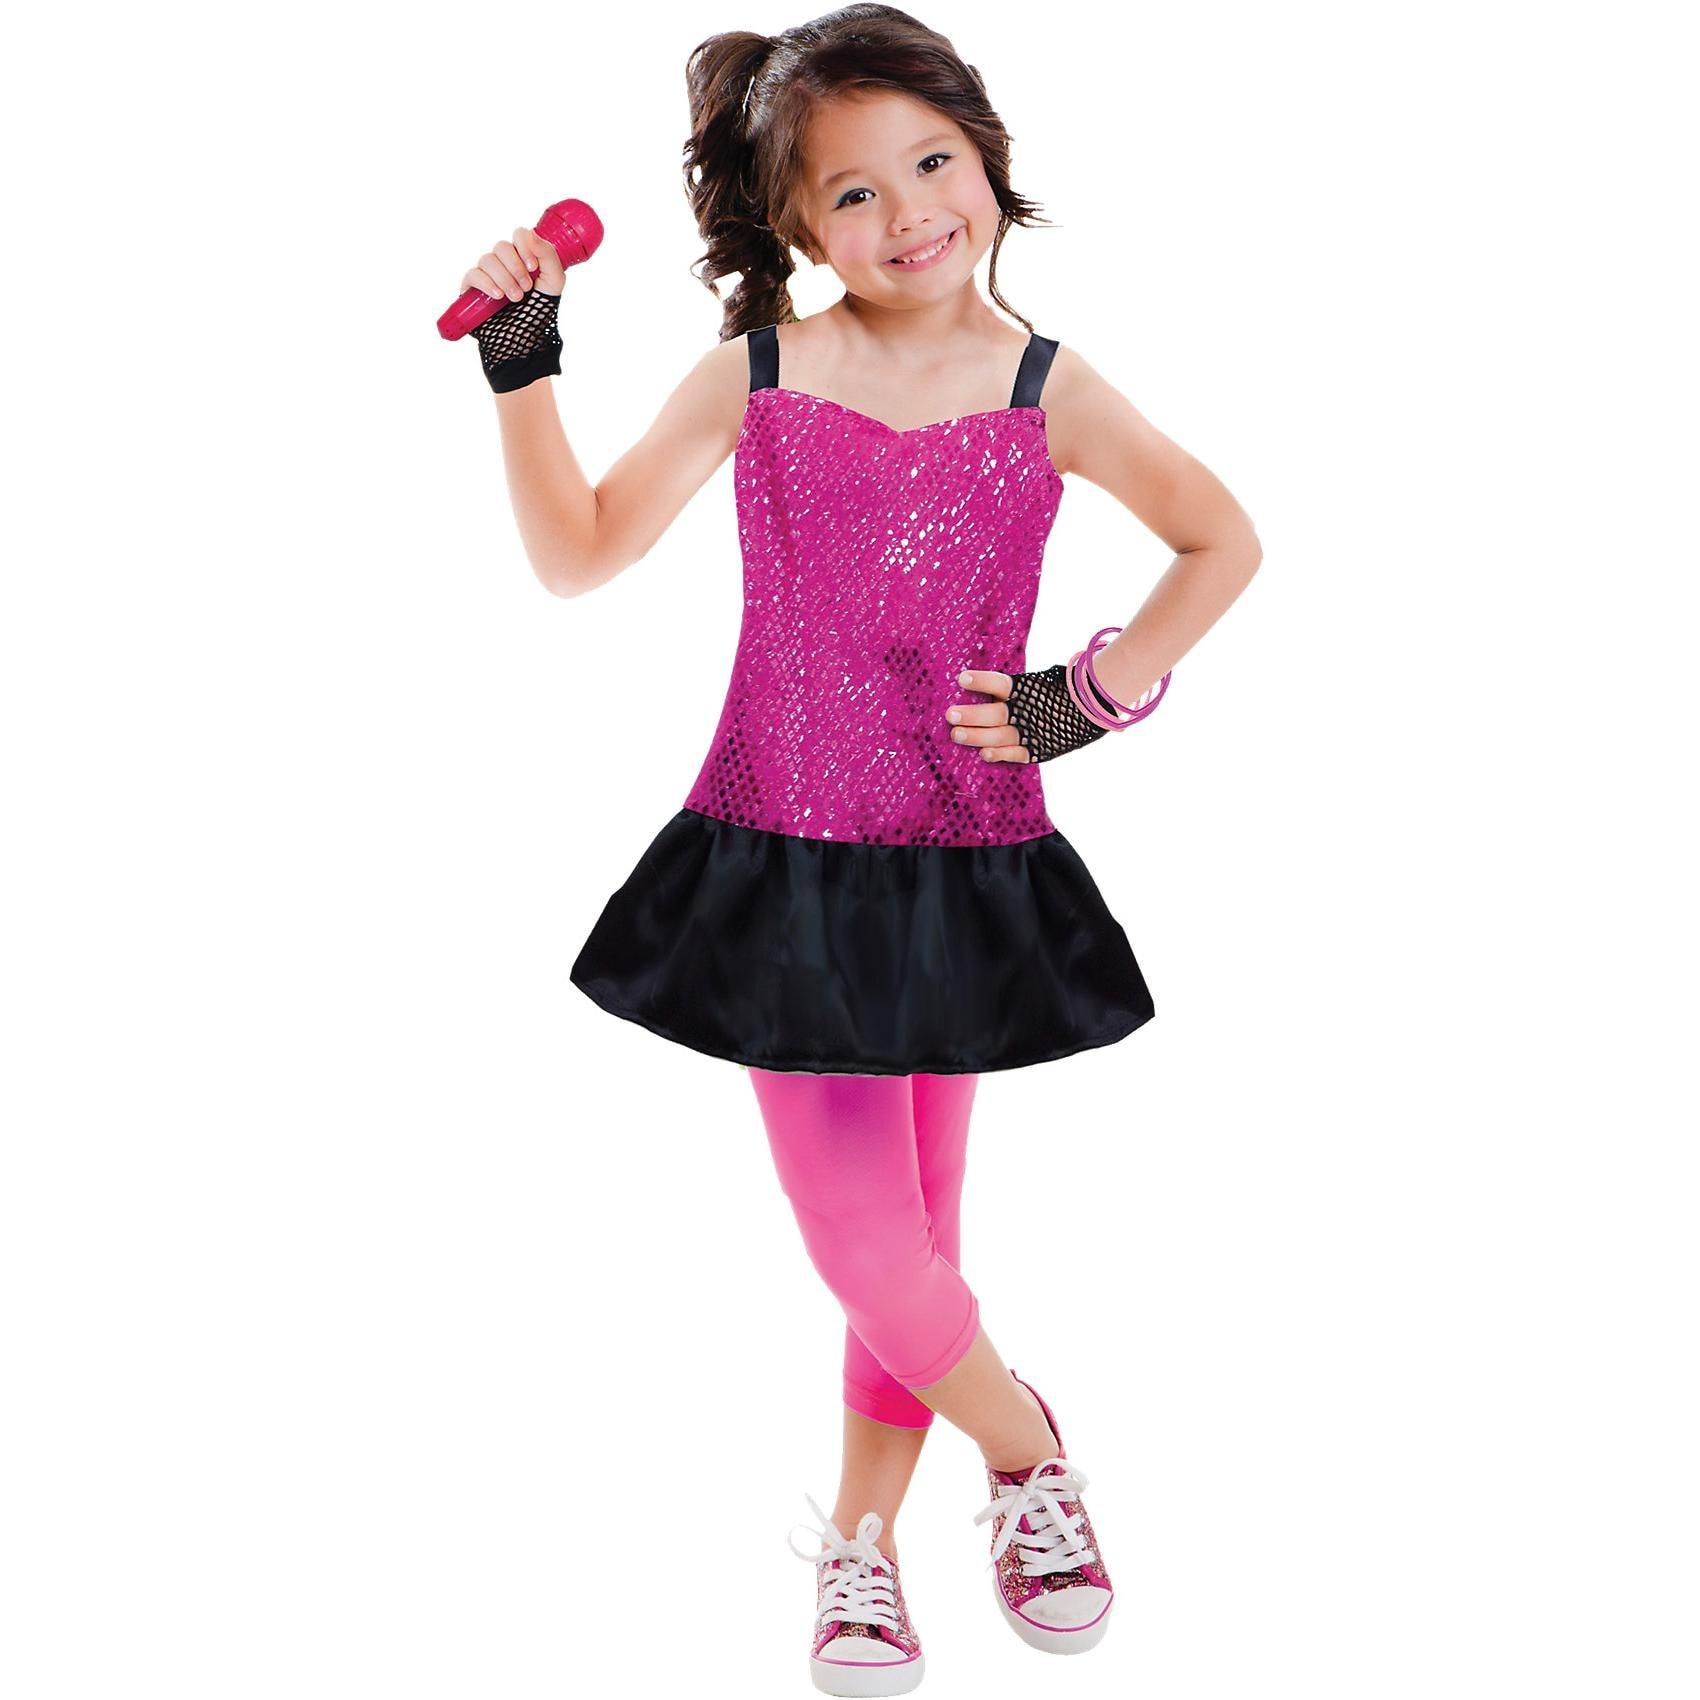 403de75712d86 Kostüme online bestellen | REWE